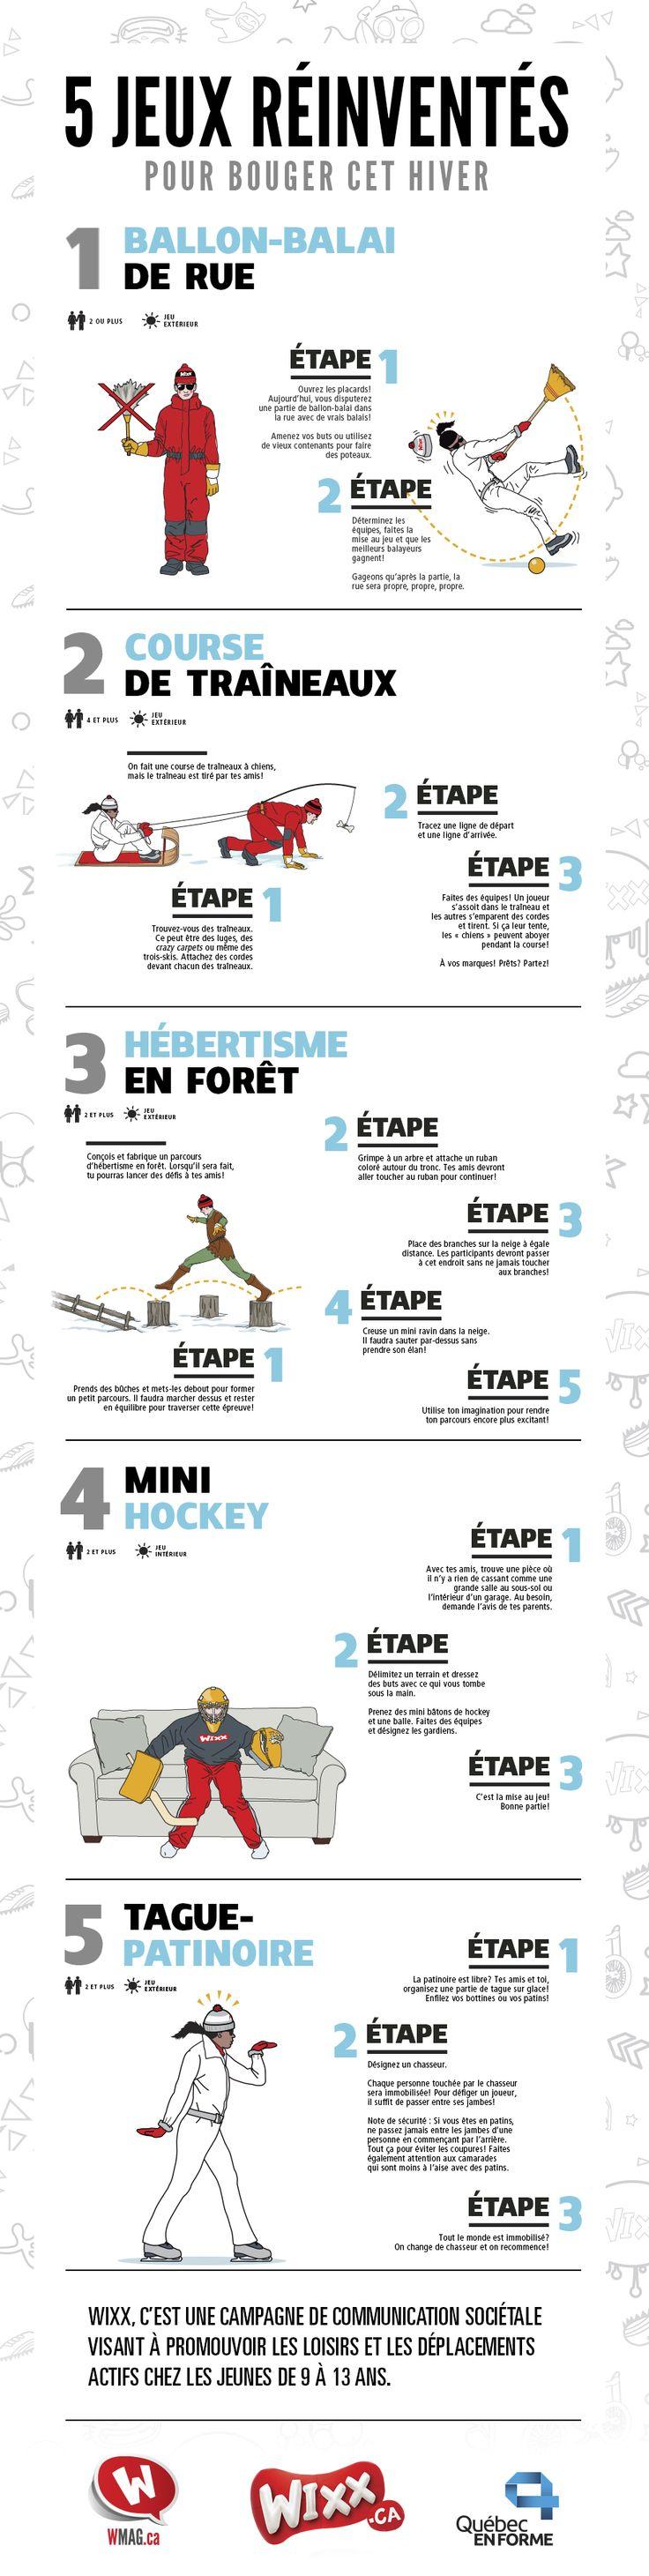 5 jeux réinventés #INFOGRAPHIE | WIXXMAG